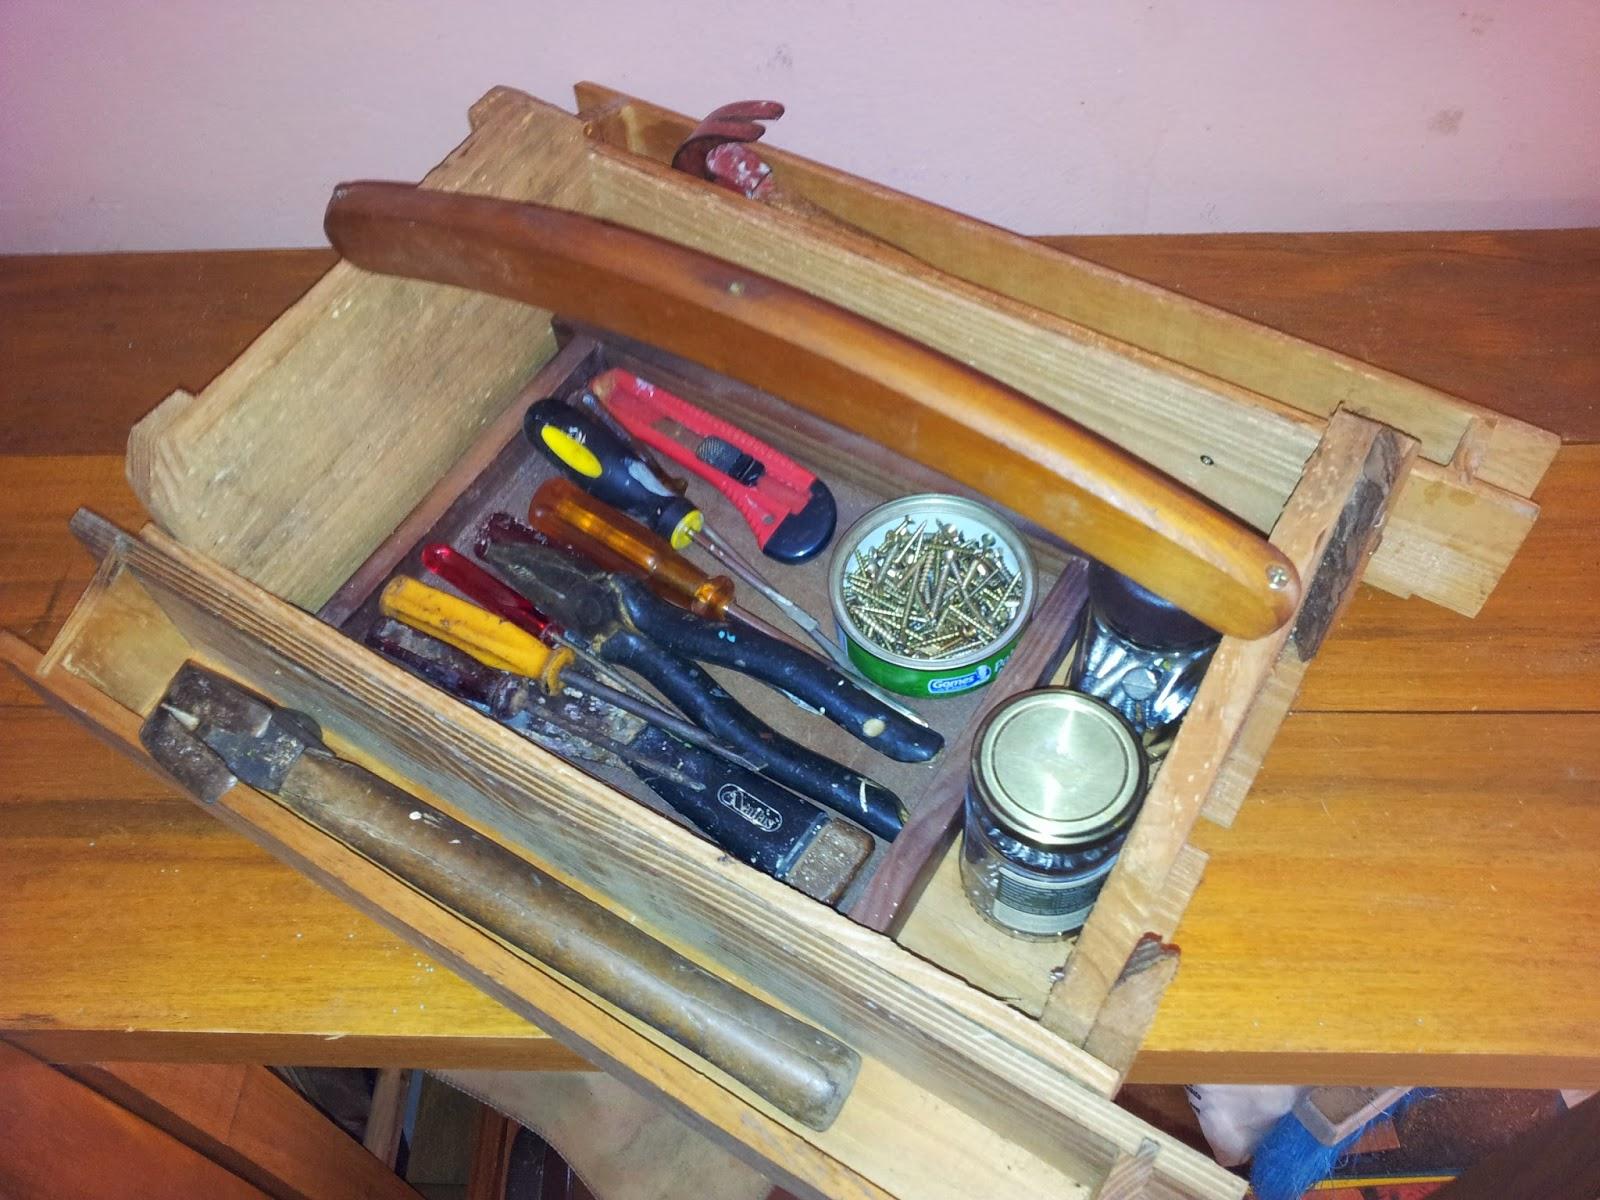 Oficina do Quintal: Idéias para reaproveitar caixas de madeira #9D6F2E 1600x1200